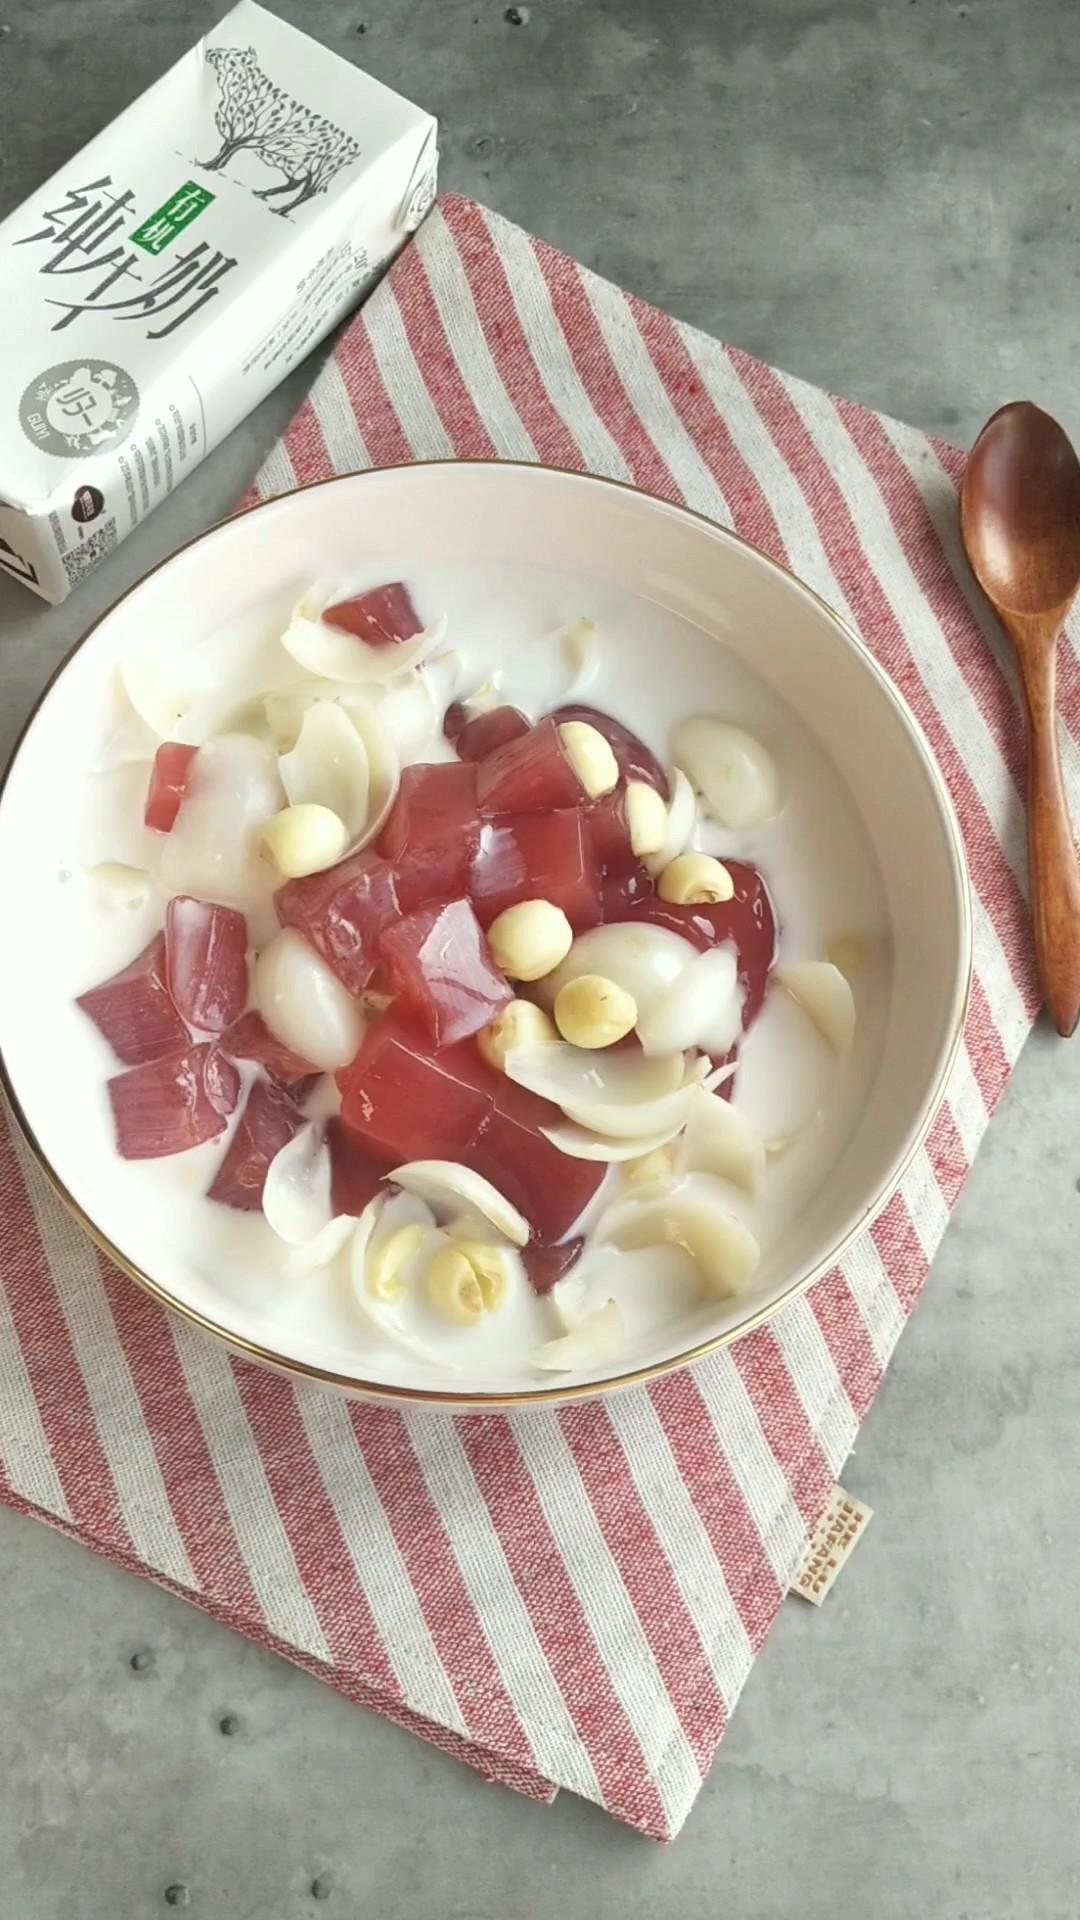 牛奶红李冰粉